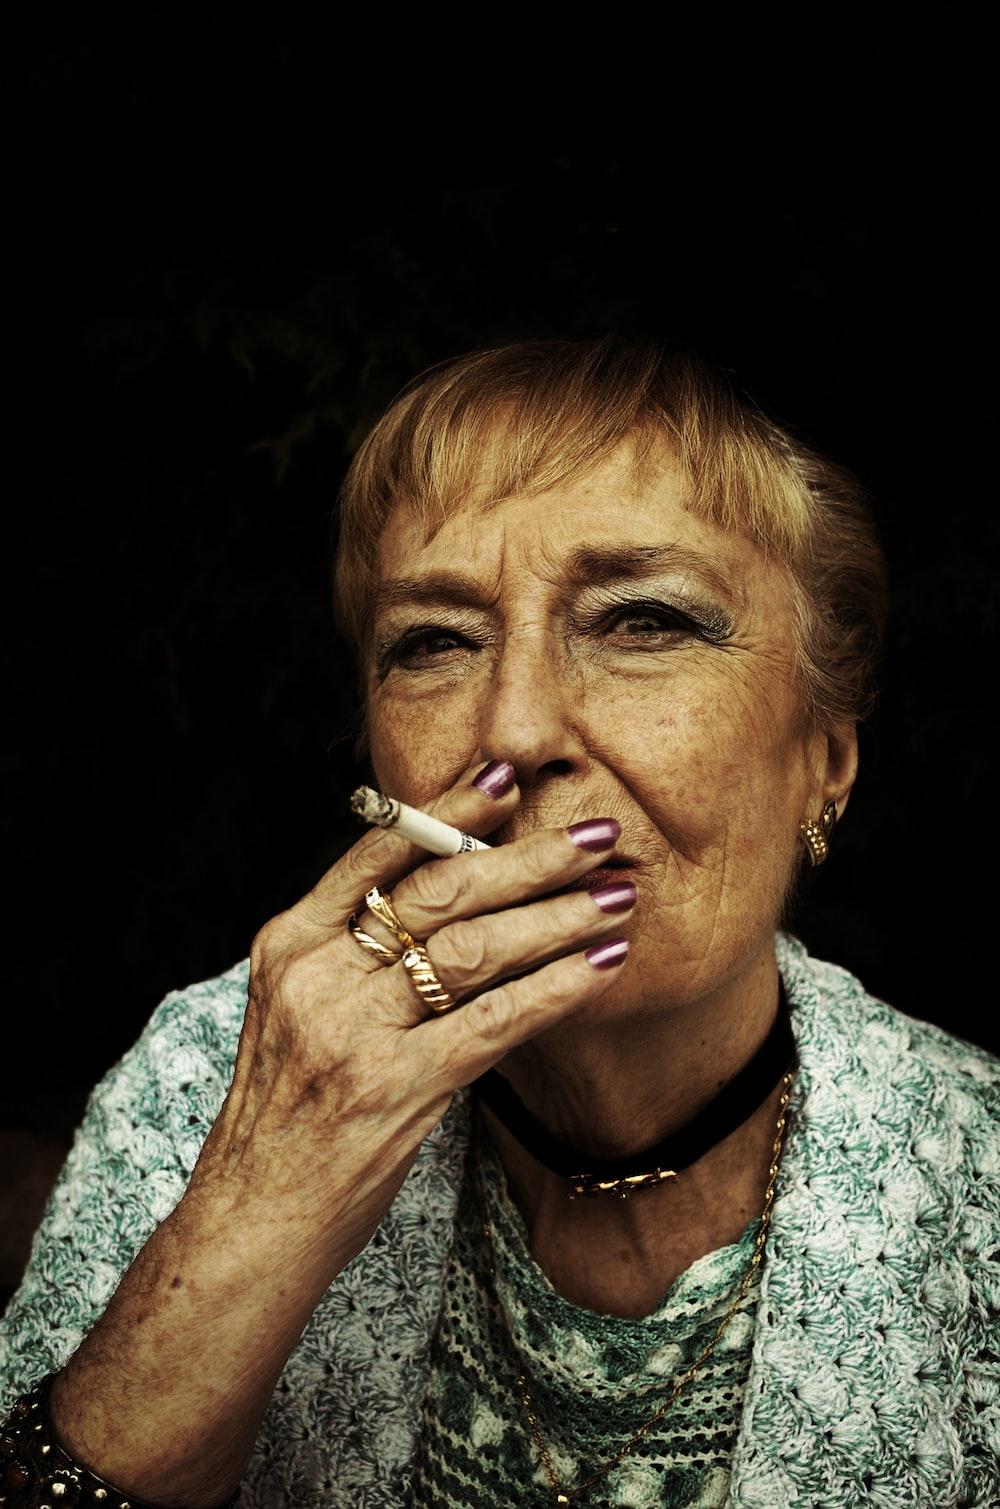 woman using cigarette